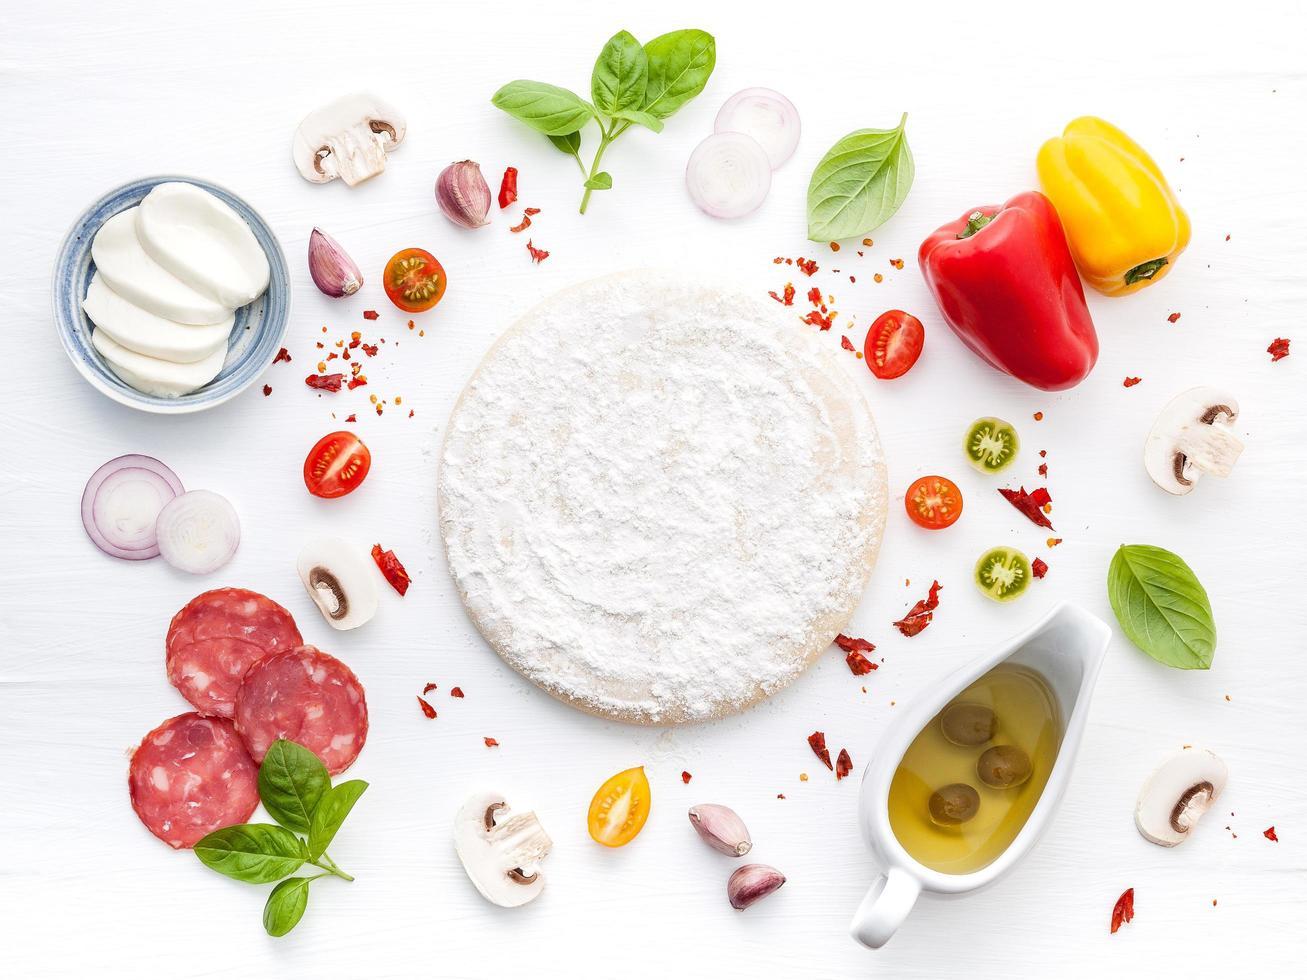 pâte à pizza fraîche et ingrédients photo